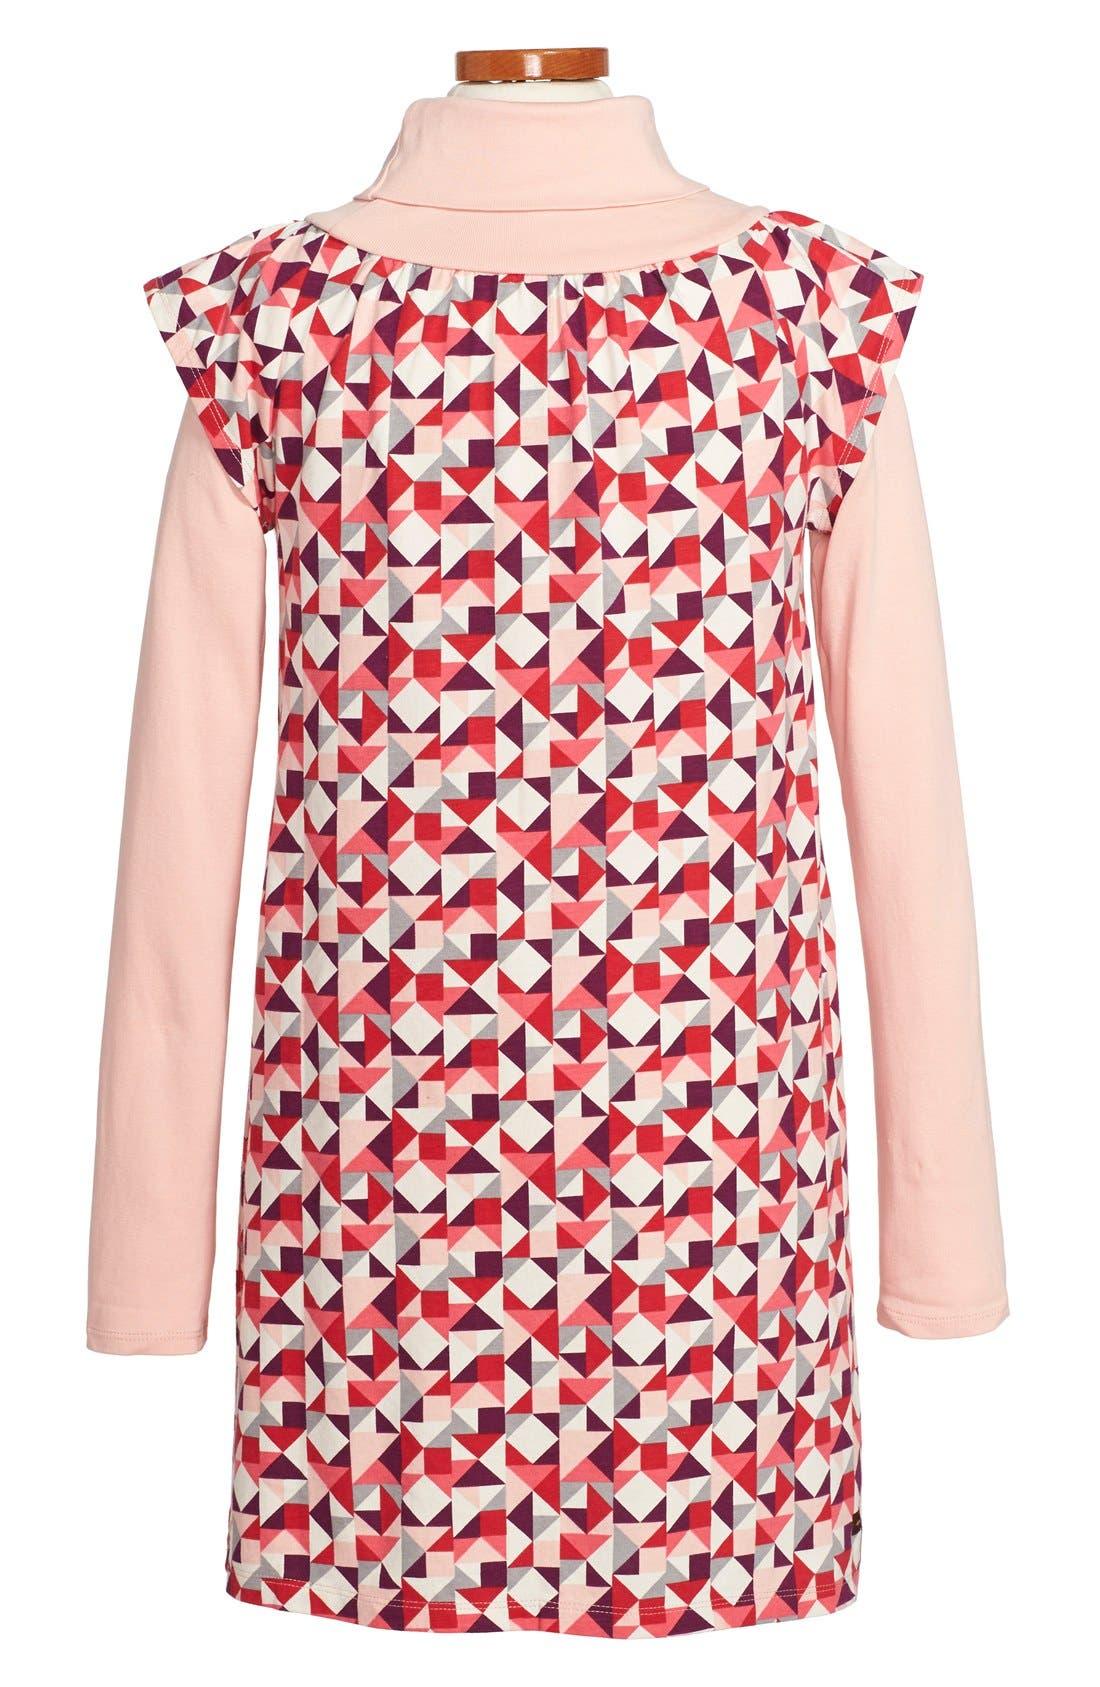 'Koln' Turtleneck Dress,                             Alternate thumbnail 2, color,                             635